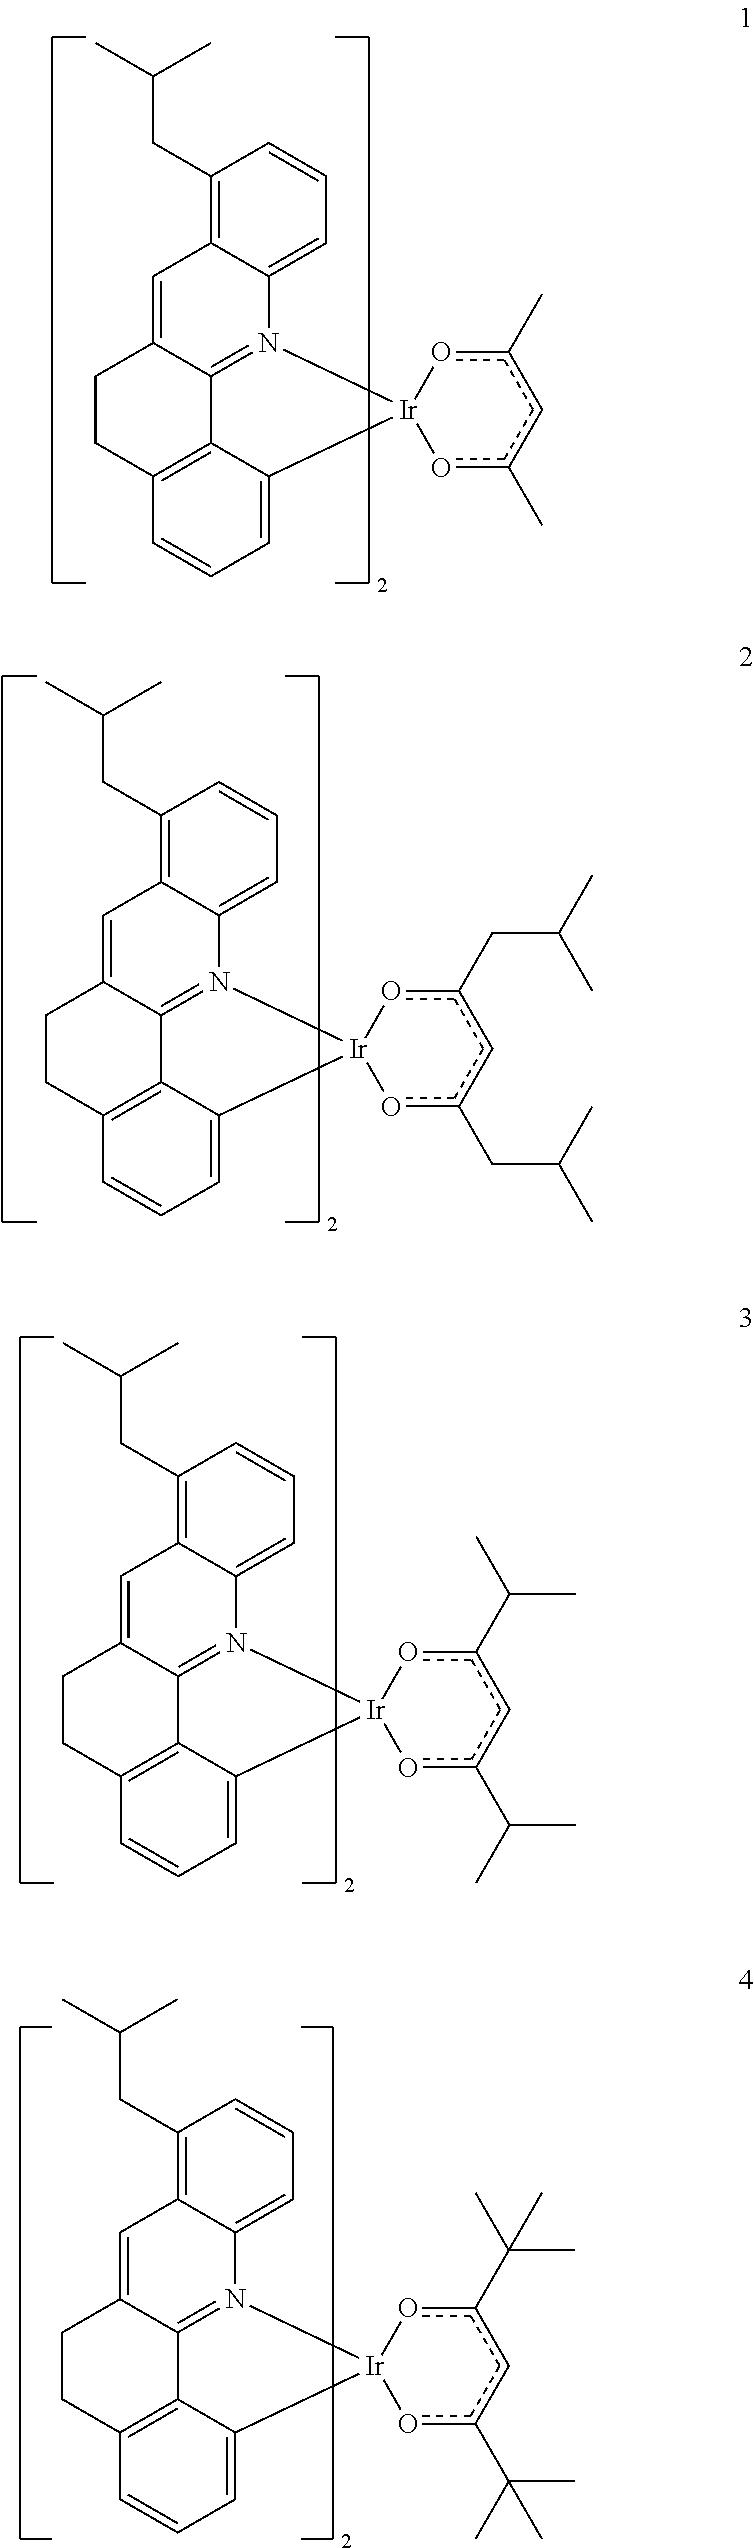 Figure US20130032785A1-20130207-C00007